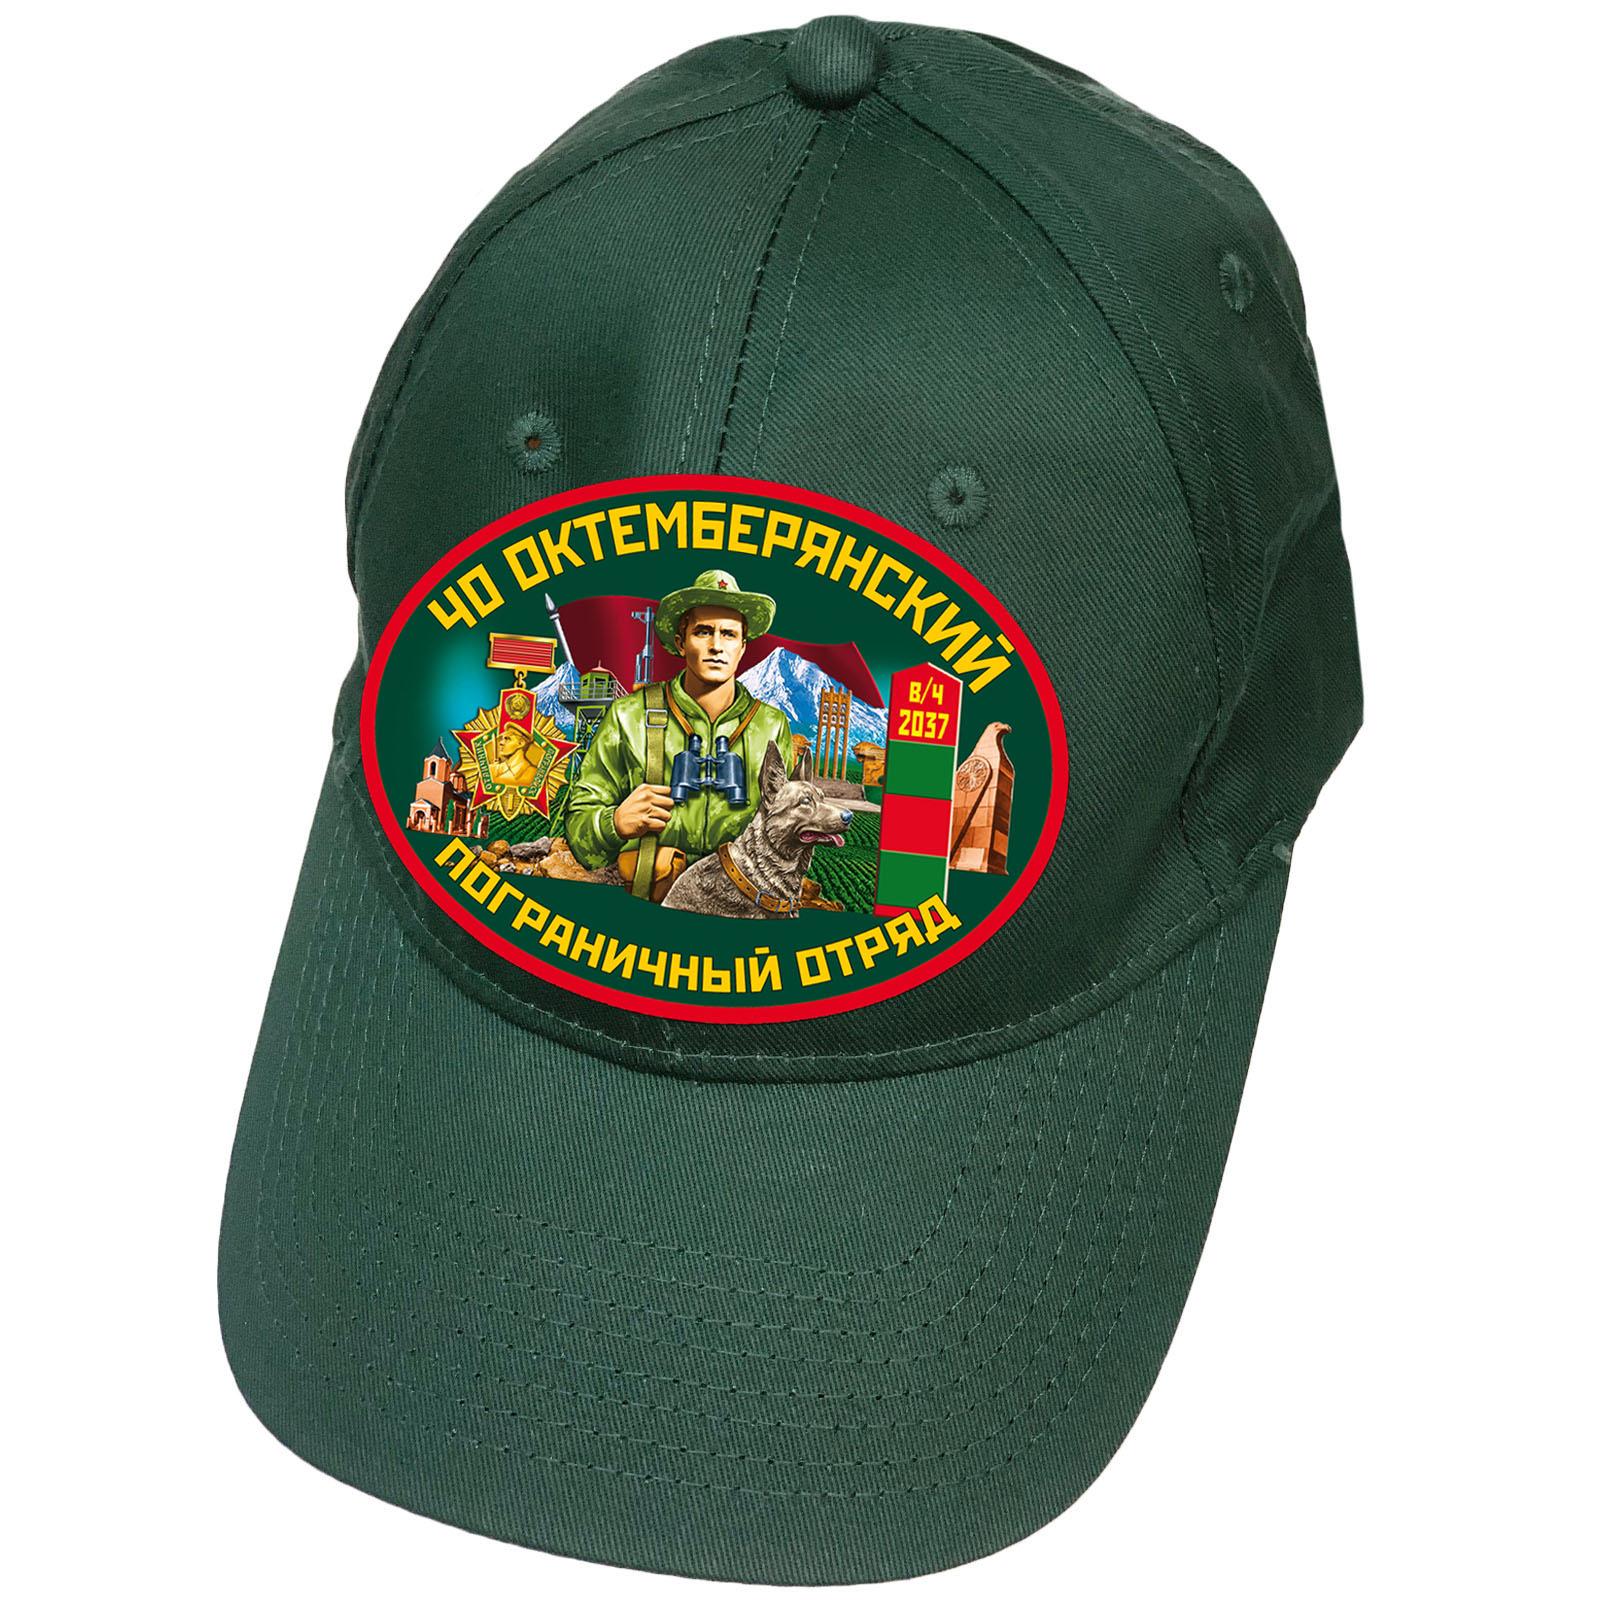 Тёмно-зелёная бейсболка 40 Октемберянского пограничного отряда